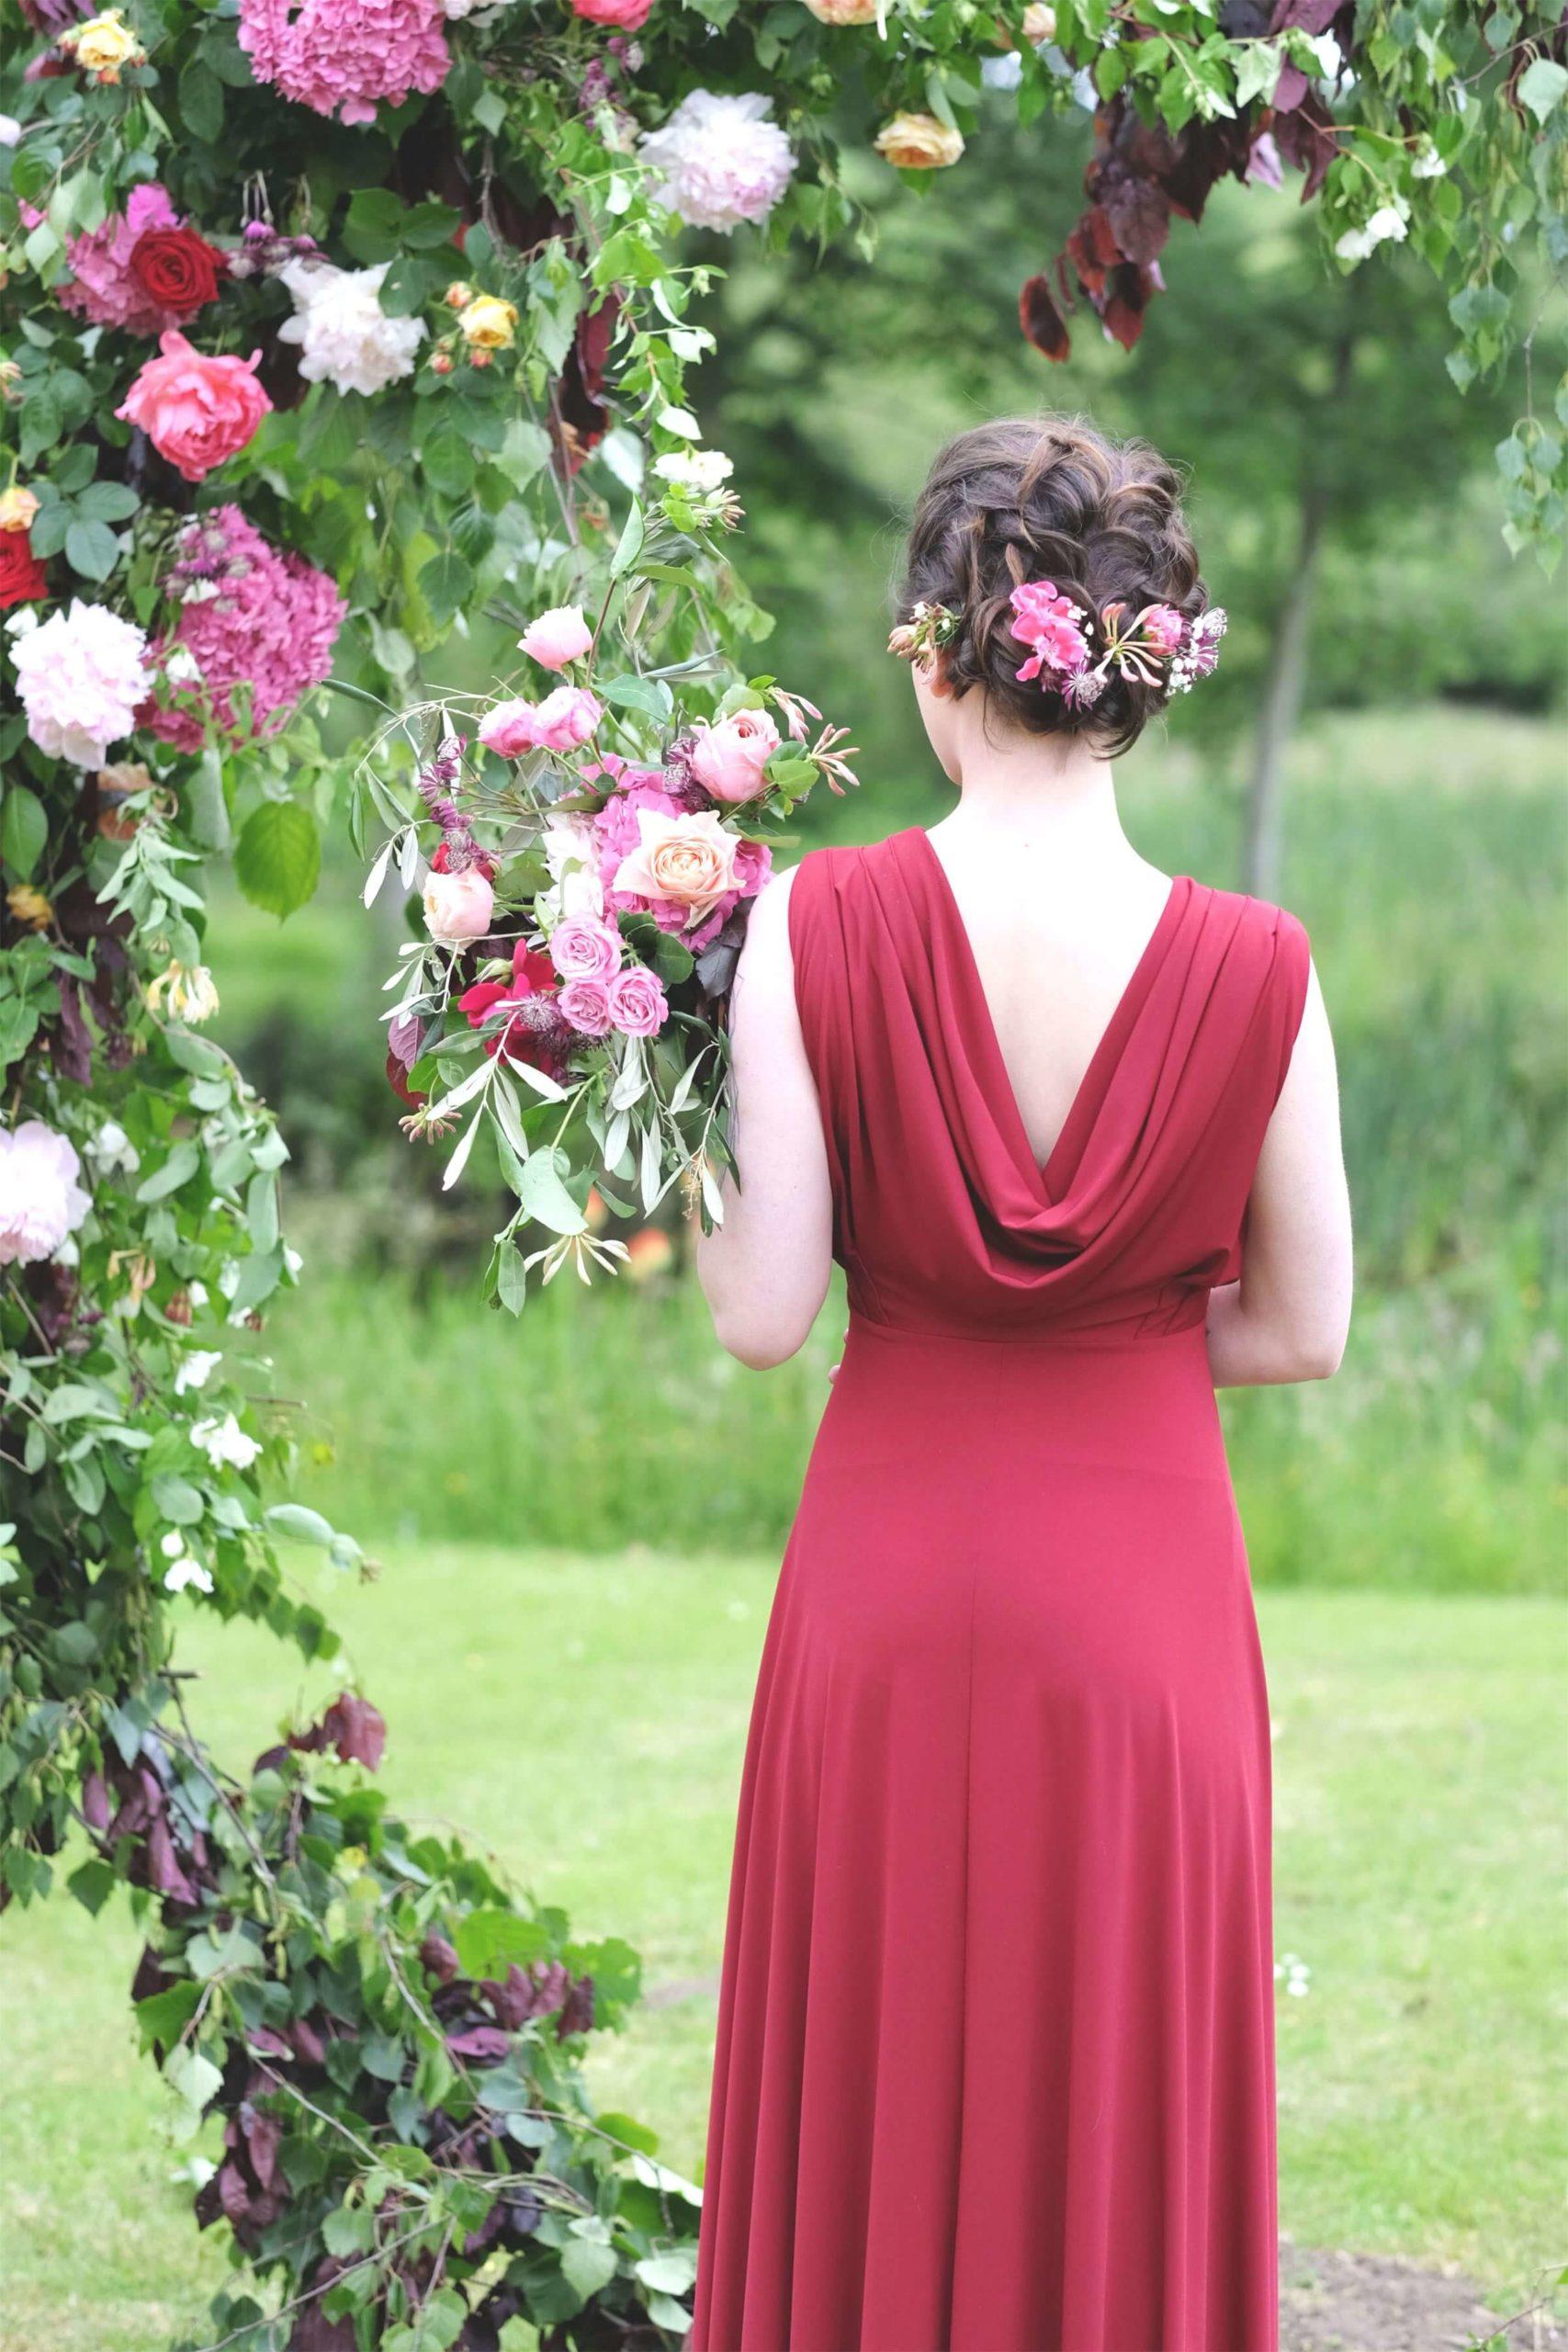 Rose, Claret & Blackberries 9